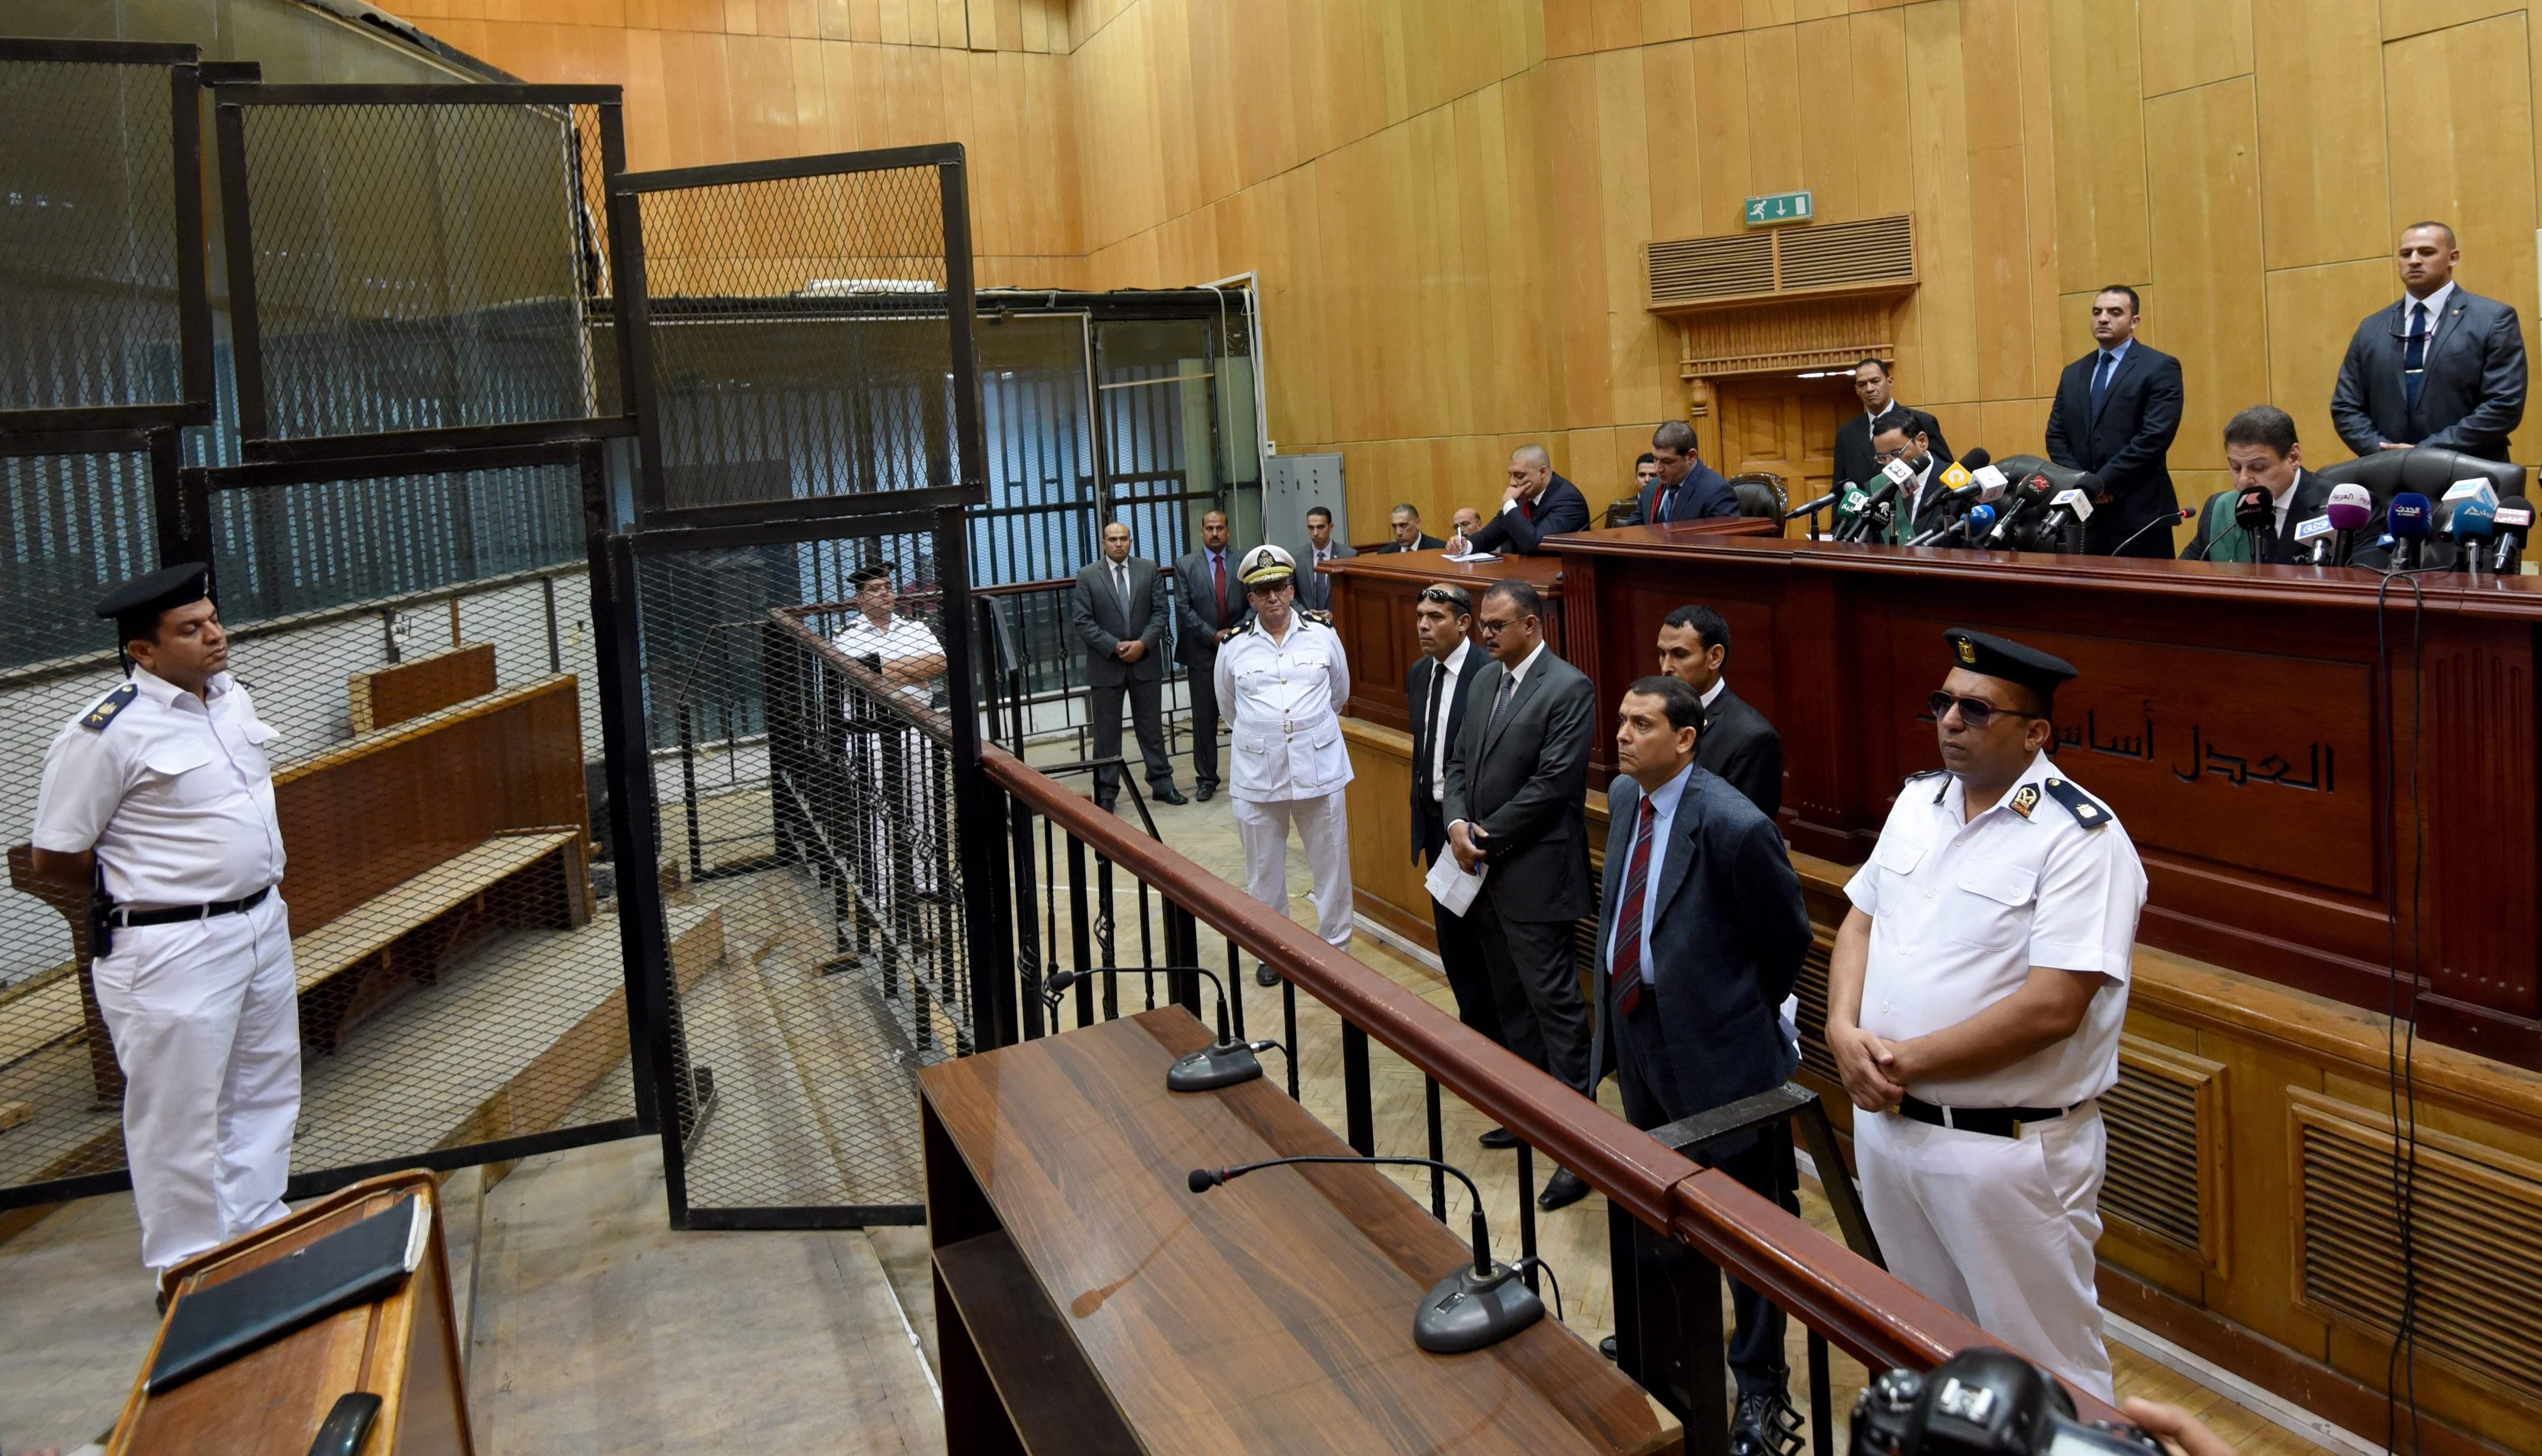 """2016年6月18日,警察、律师和法官在埃及首都开罗出席前总统穆尔西的庭审。据埃及官方电视台报道,开罗刑事法庭18日宣布,穆尔西因间谍罪以及泄露""""机密文件""""获判40年监禁。(新华社/法新)"""